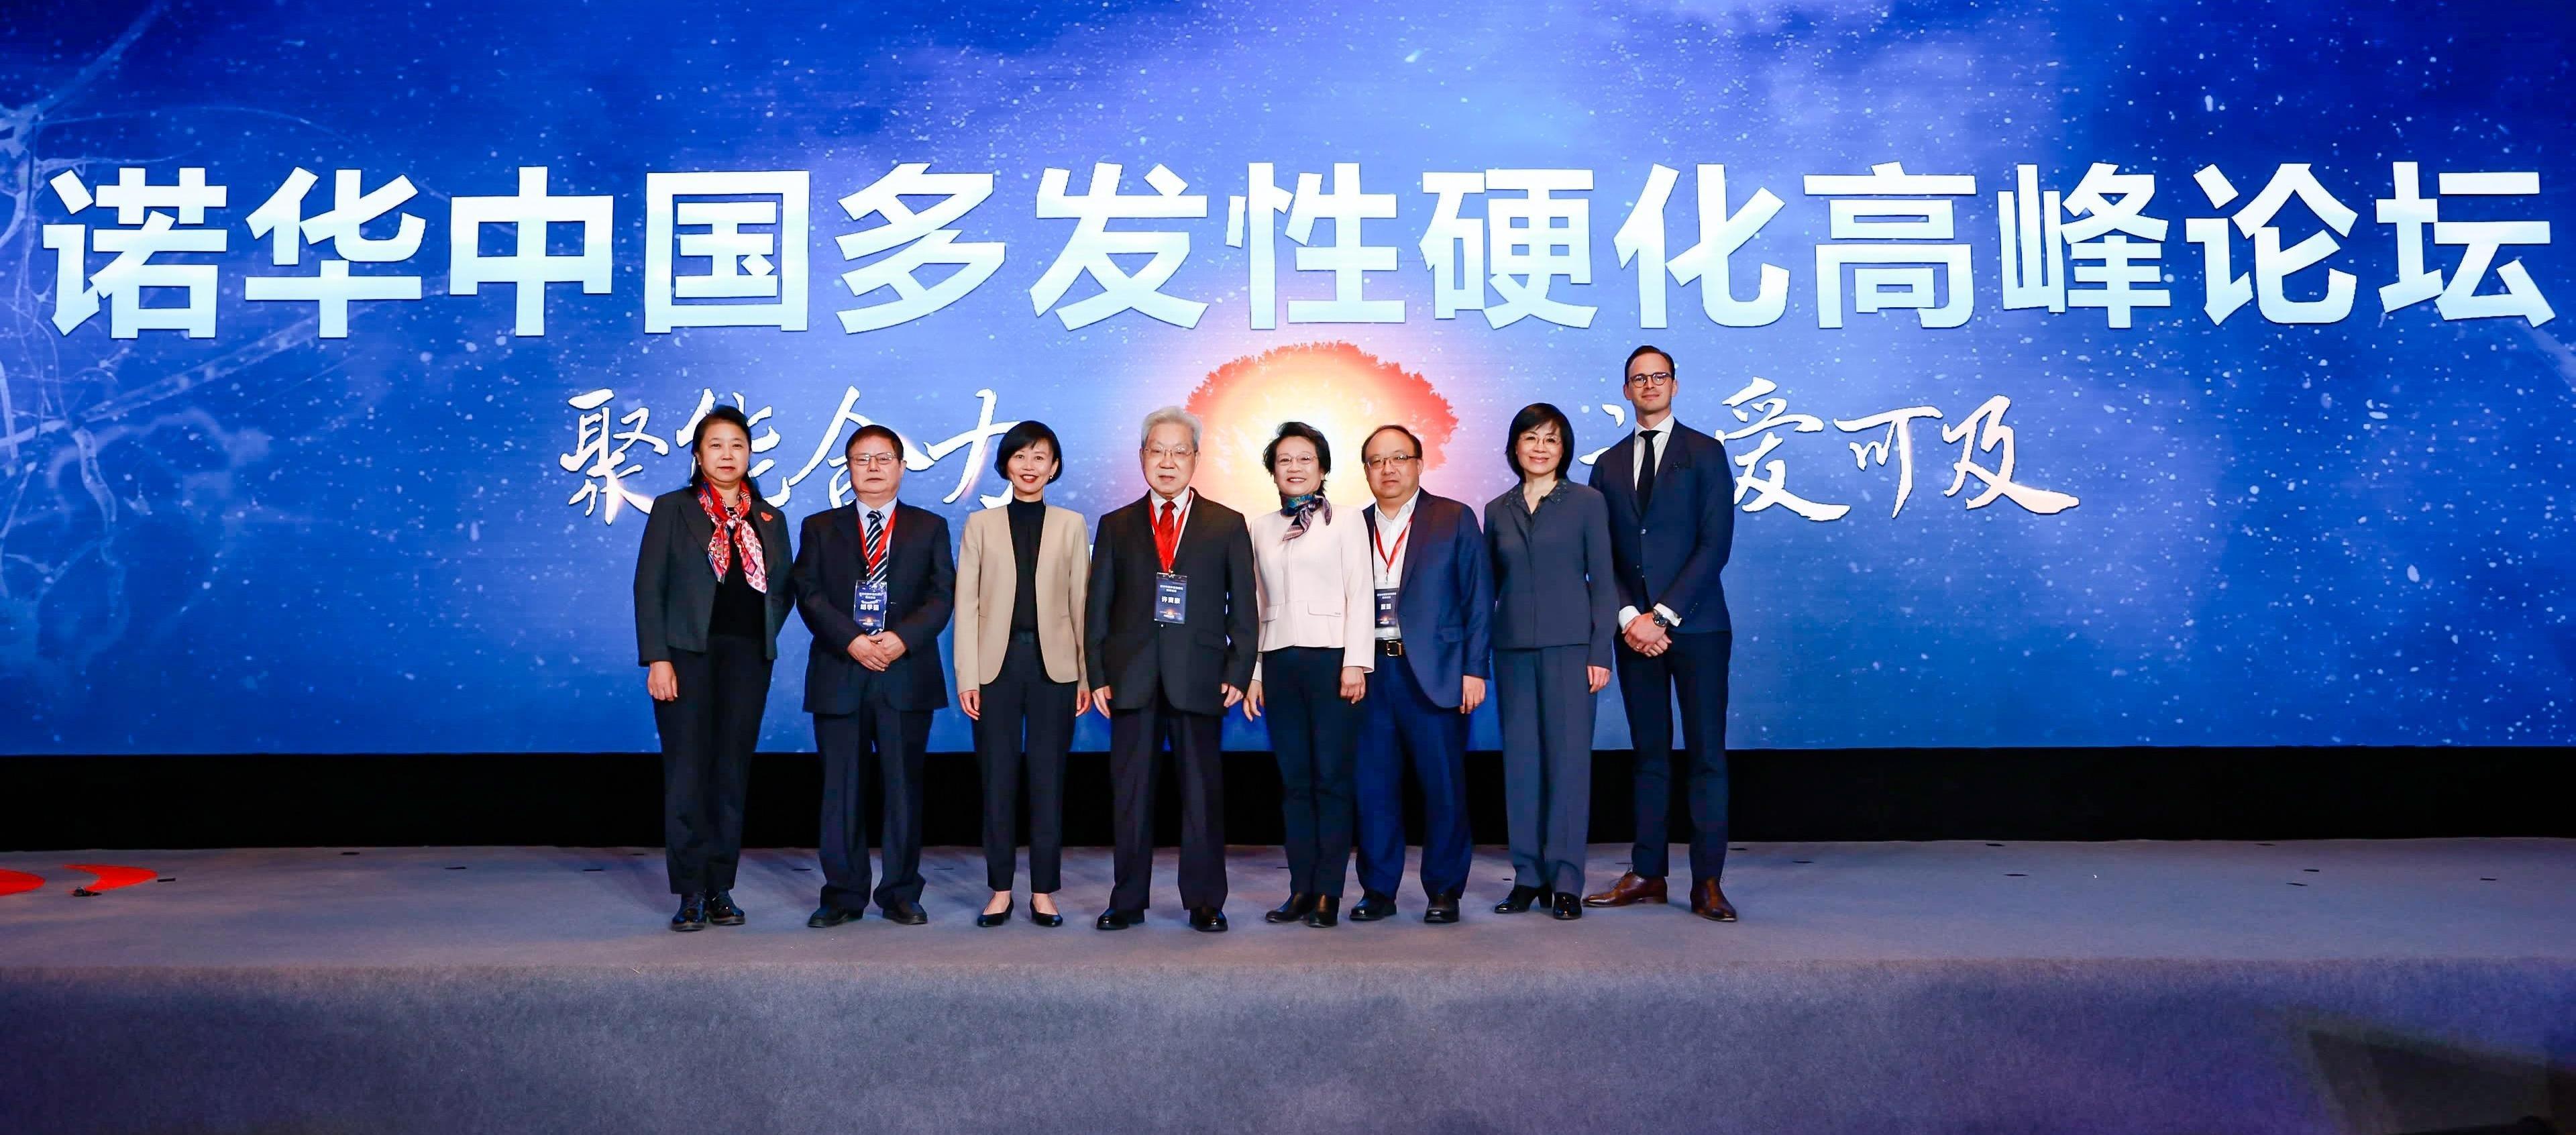 聚能合力,让爱可及:首届中国多发性硬化高峰论坛在京召开